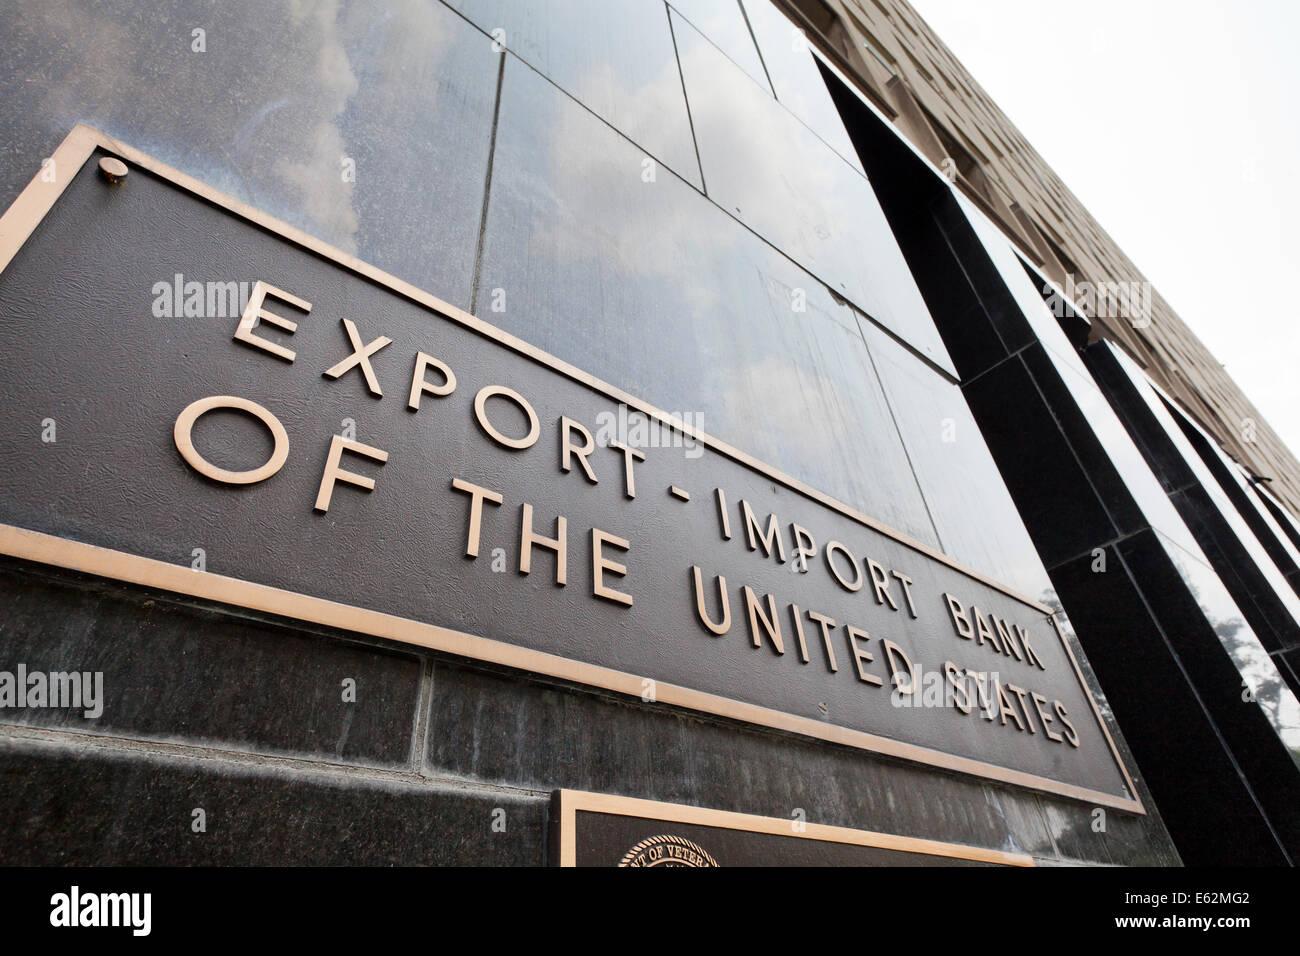 Export-Import Bank of the United States headquarters - Washington, DC USA - Stock Image